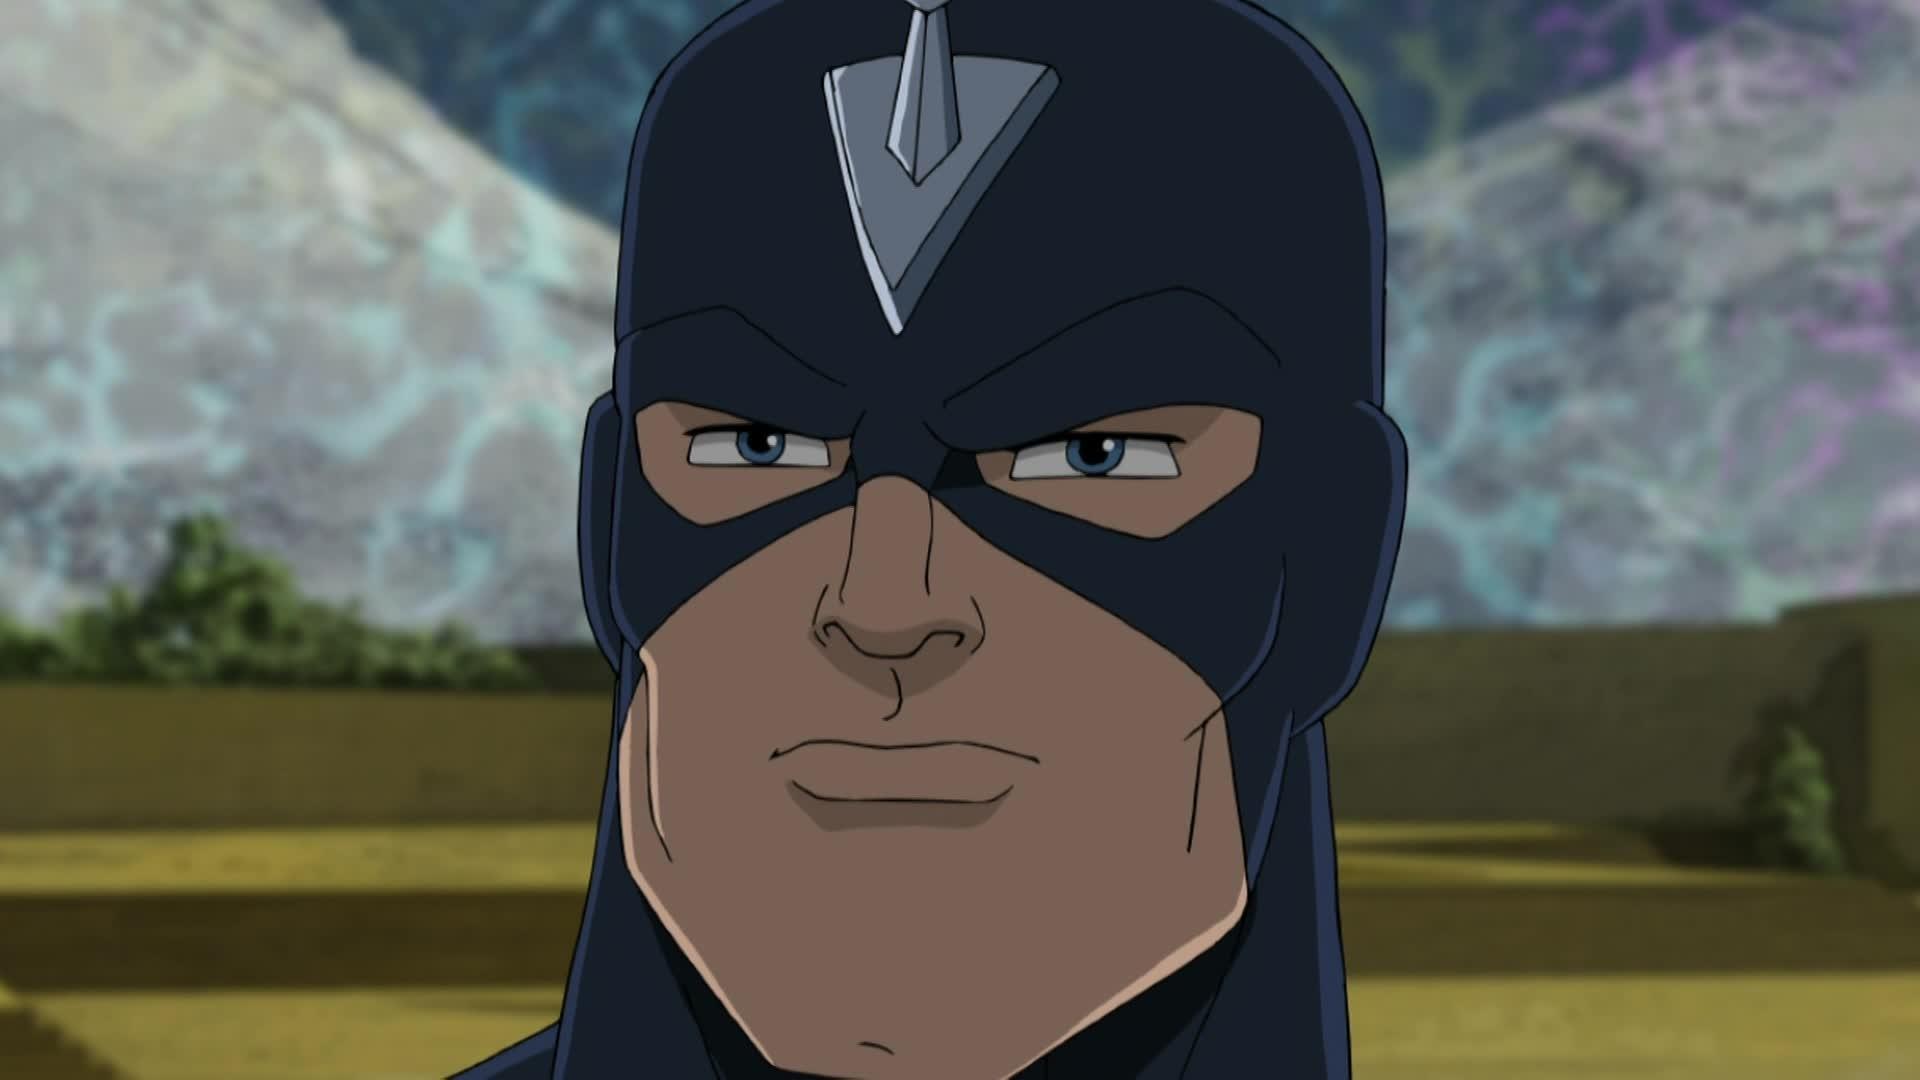 Marvel Hulk et les Agents du S.M.A.S.H - Les Inhumains